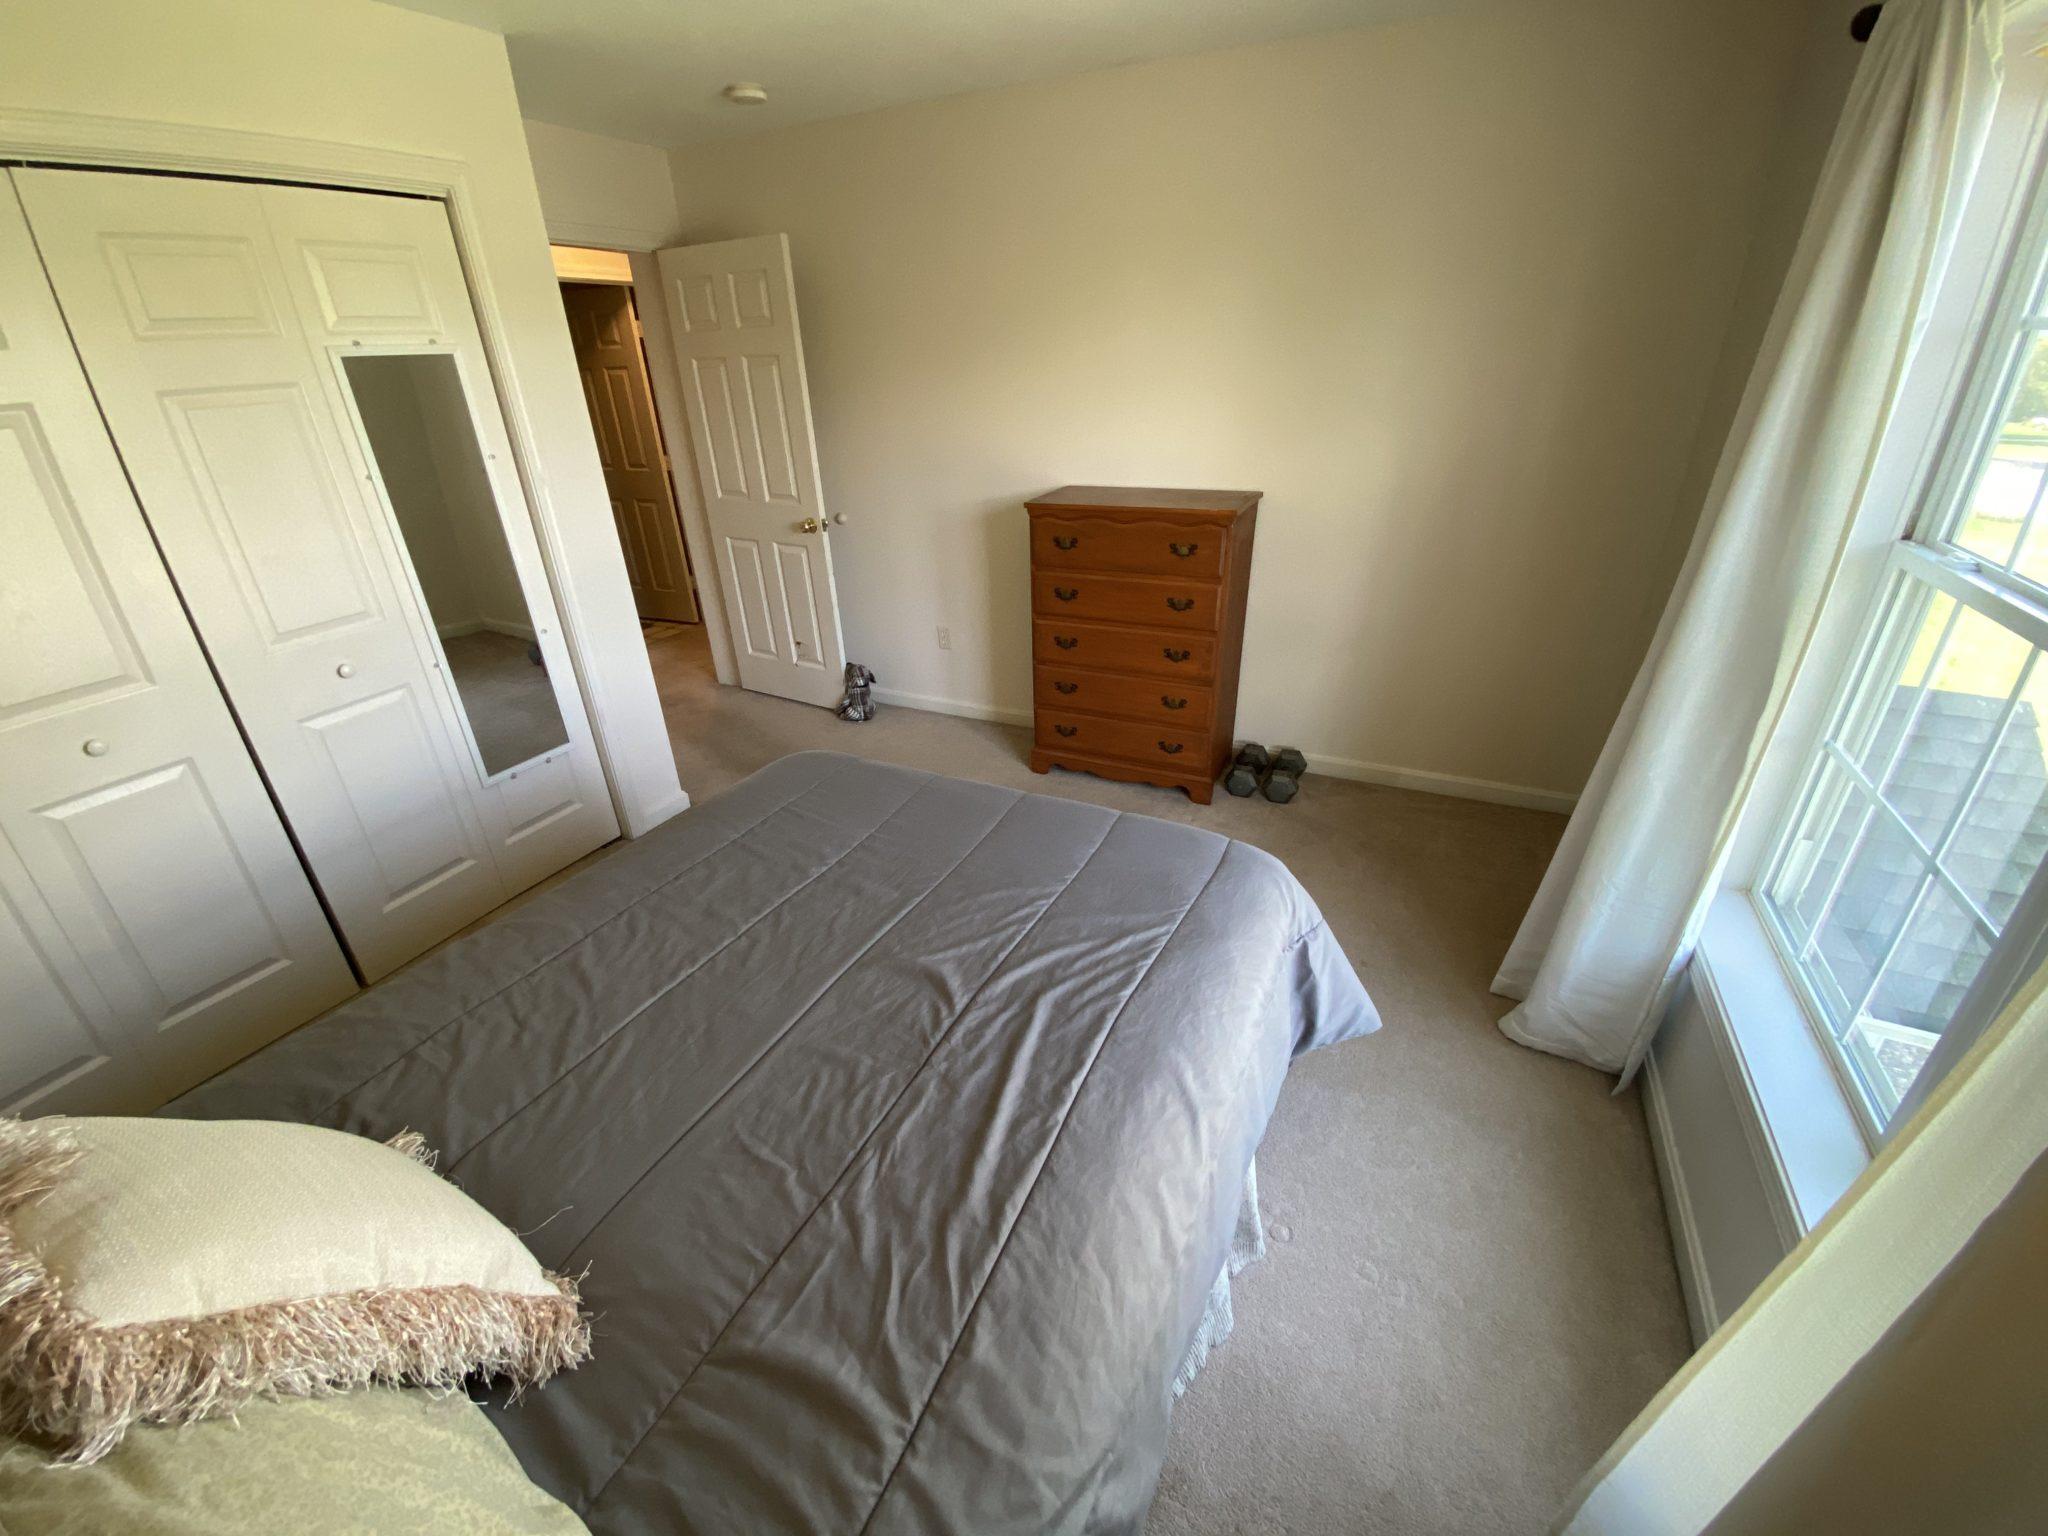 22 Norma Ln - Bedroom #2 A